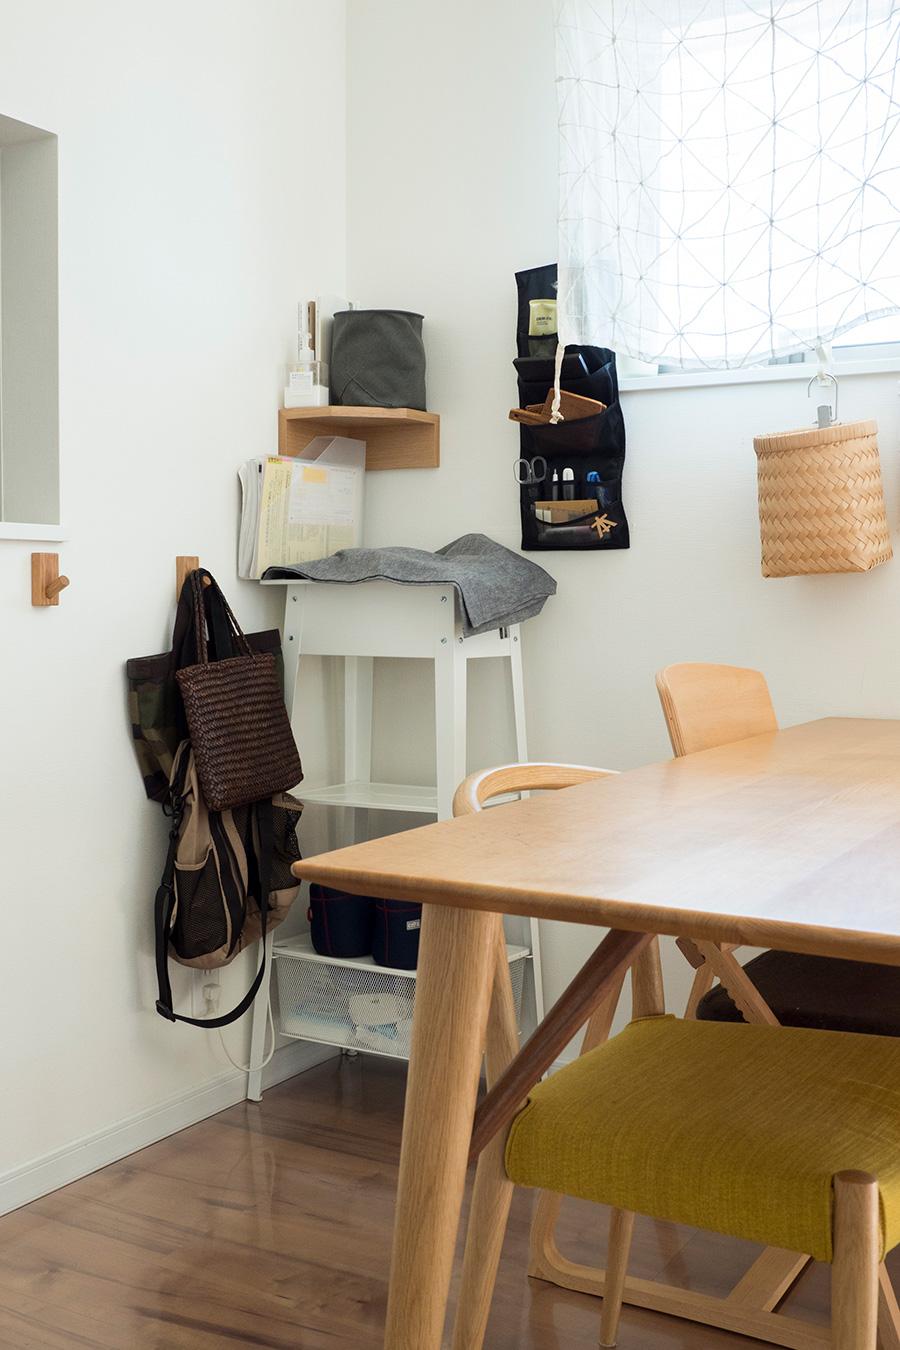 仕事の効率を考えたワークスペース&ダイニング。白いラップトップテーブルの上にPCをスタンバイ。その上に取り付けたコーナー家具はカバンの中身の特等席で、帰宅したらカバンの中から出した財布やポーチなどをここに出している。窓下のカゴはゴミ入れ。ダイニングのどこからも手が届き掃除の邪魔にもならないので、床置きのゴミ箱より便利。